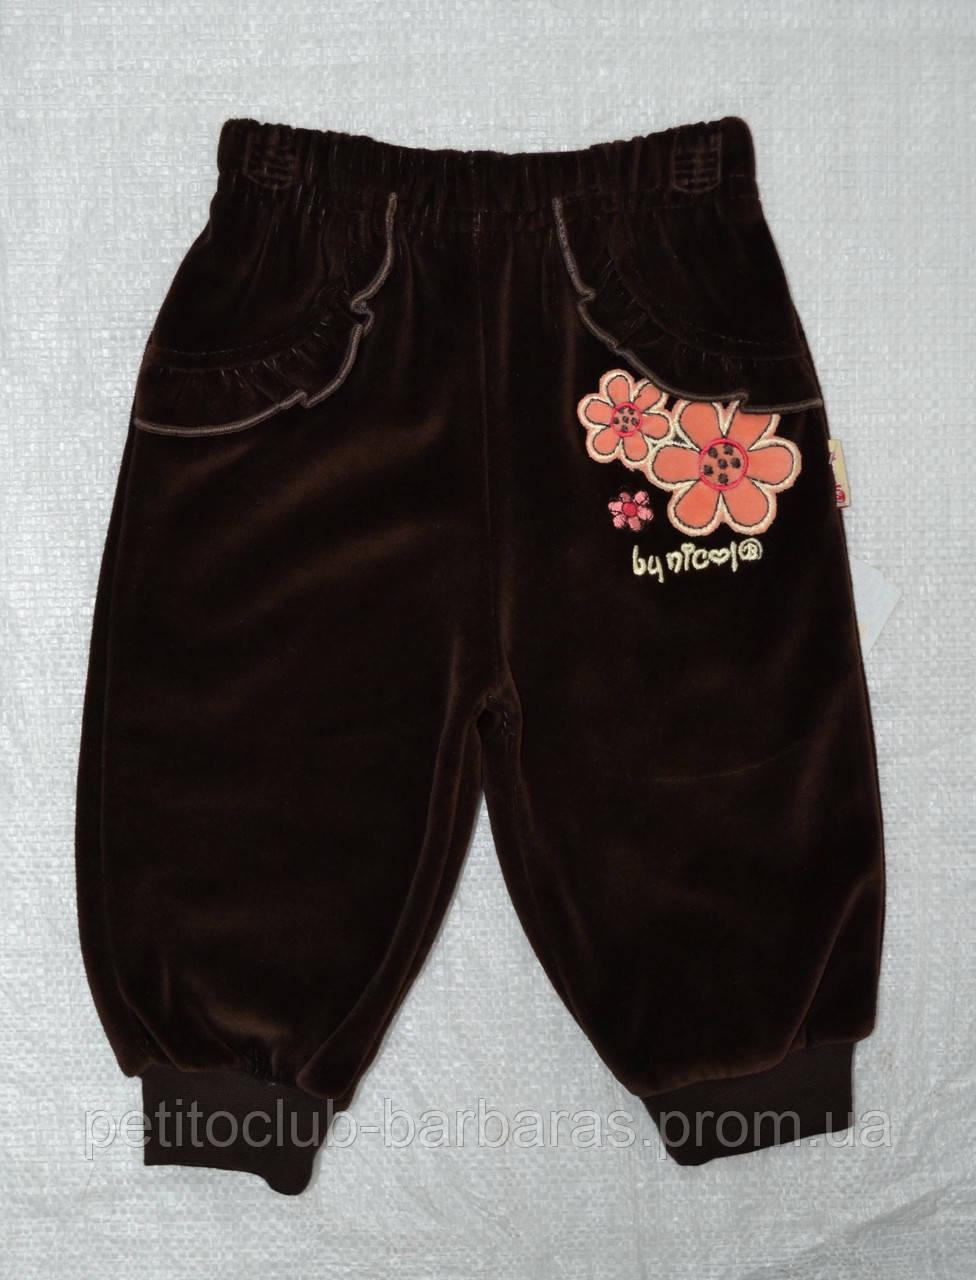 Детские велюровые штаны коричневые для девочки р. 68-86 см (Nicol, Польша)